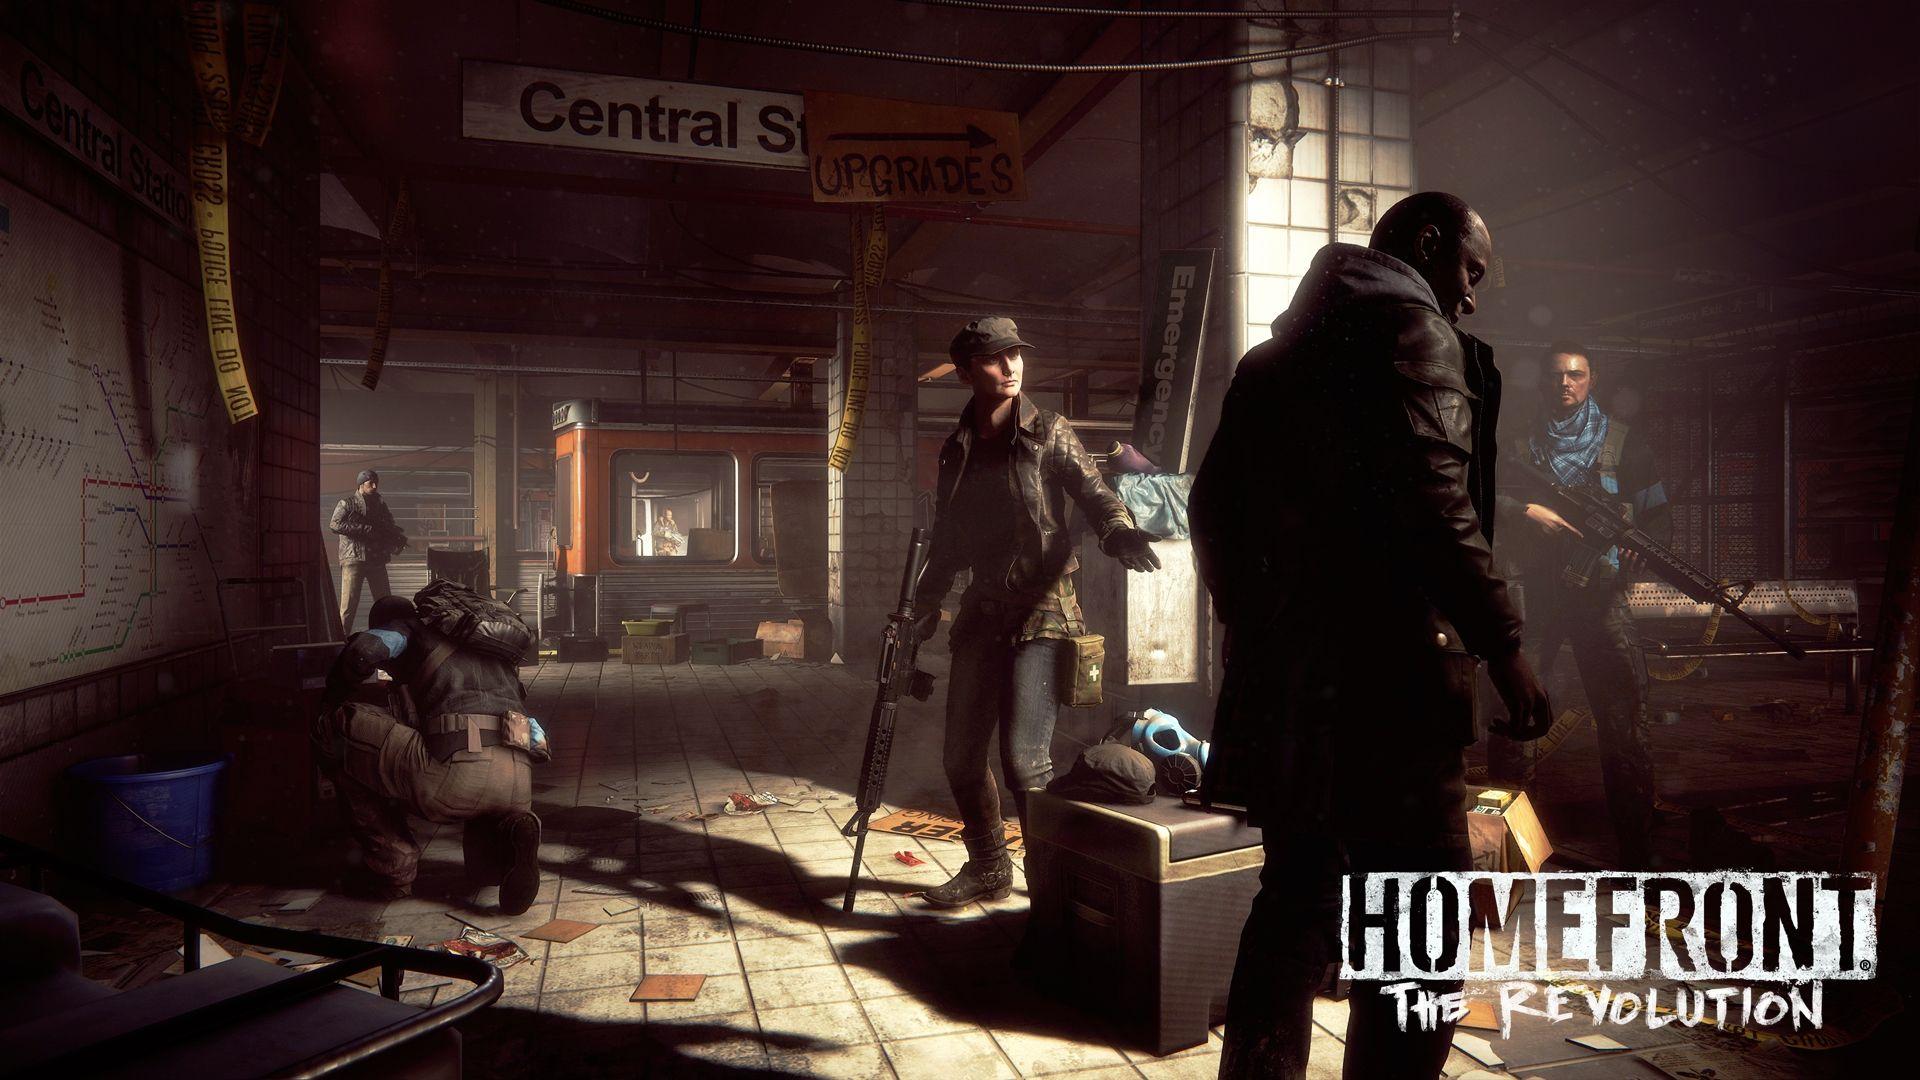 [E3 14] Primeras imágenes y trailer de Homefront: The Revolution para PS4, Xbox One y PC Z8rb